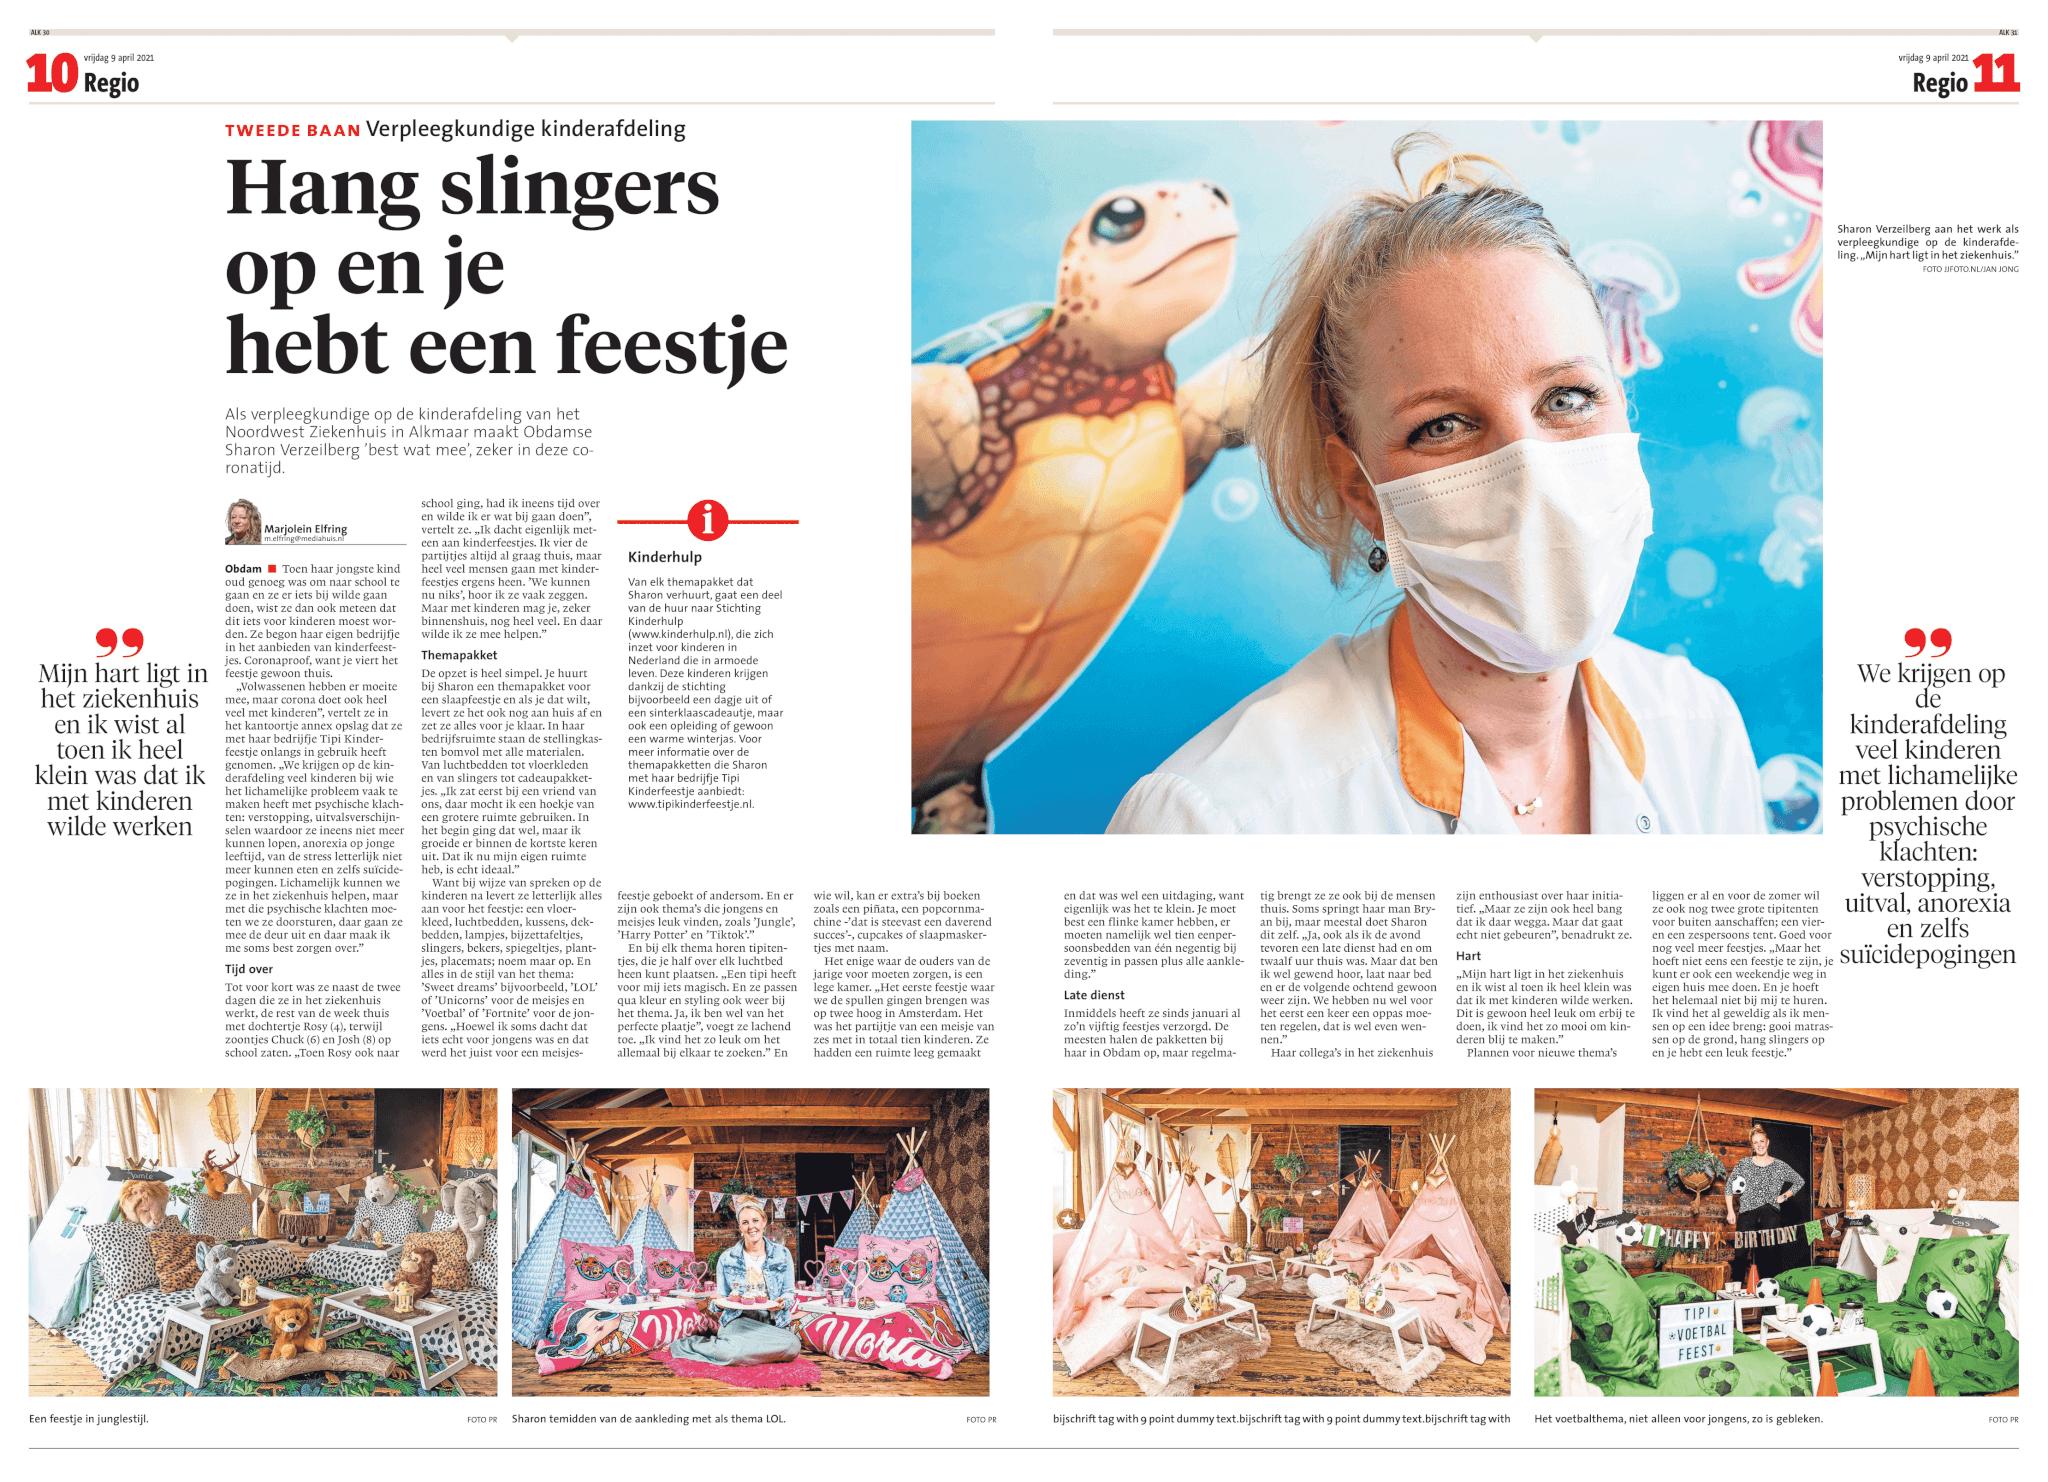 Noordhollands Dagblad Tipi Kinderfeestje